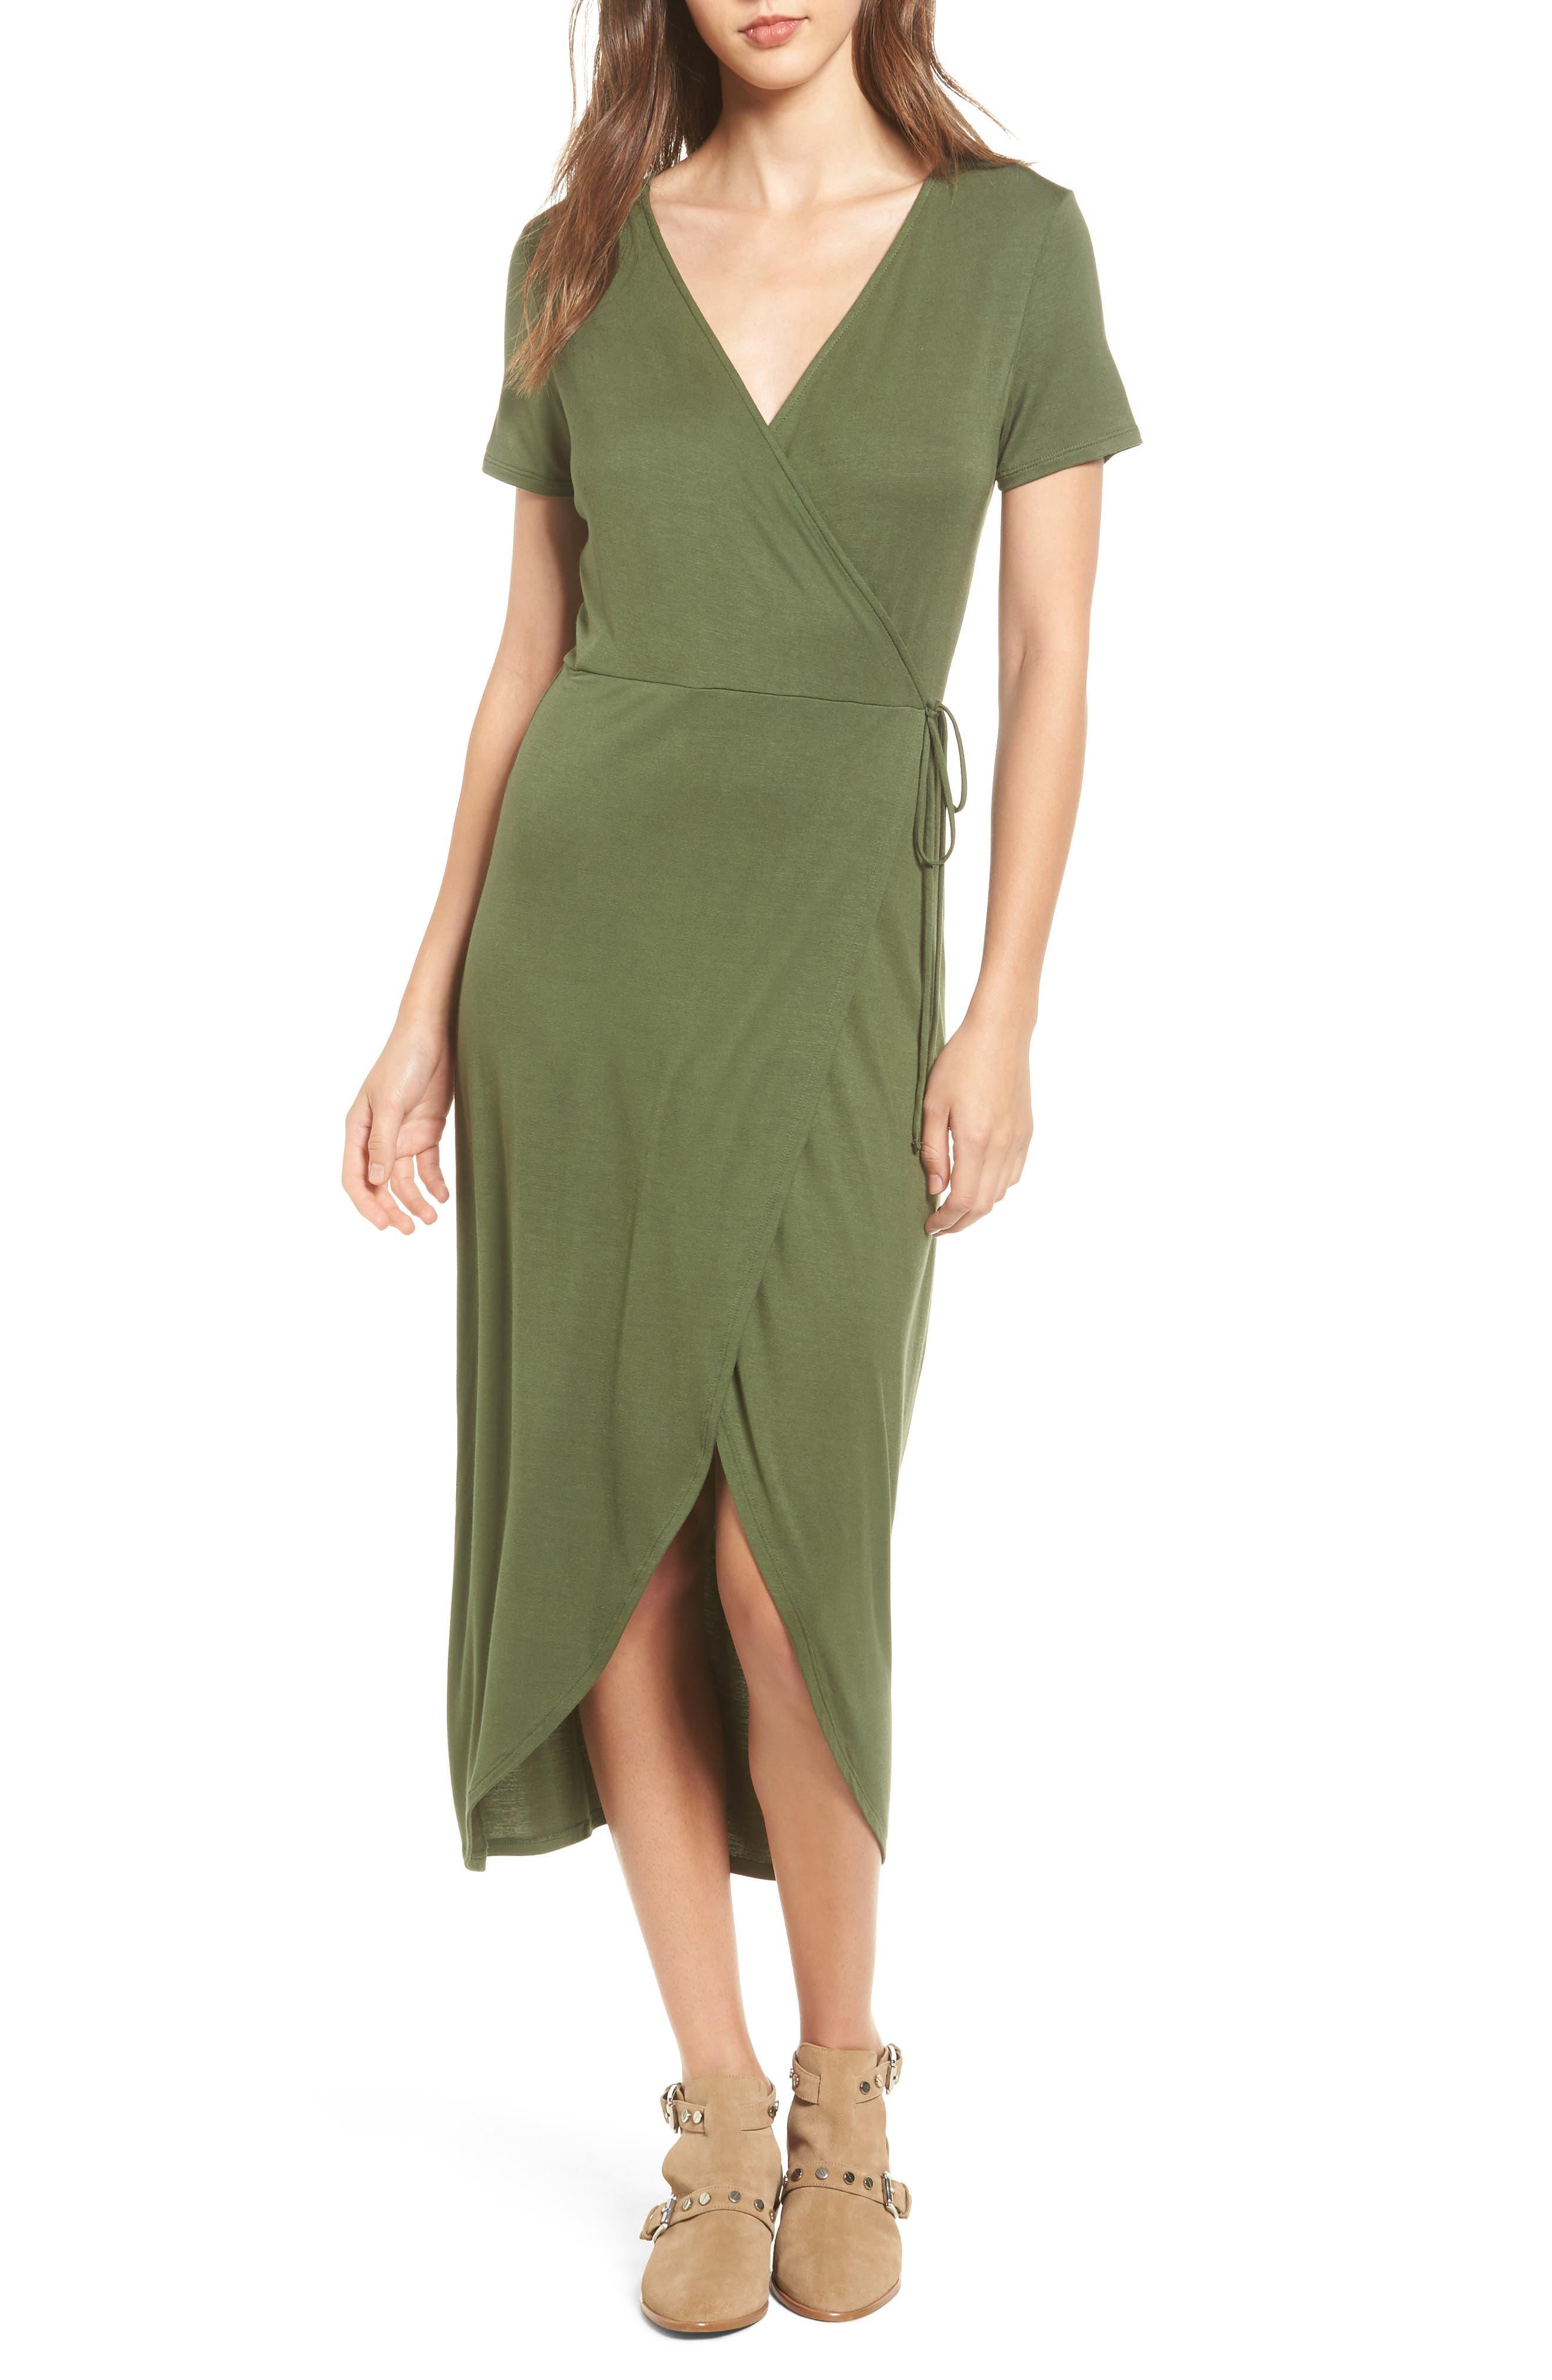 Main Image - One Clothing Knit Wrap Midi Dress